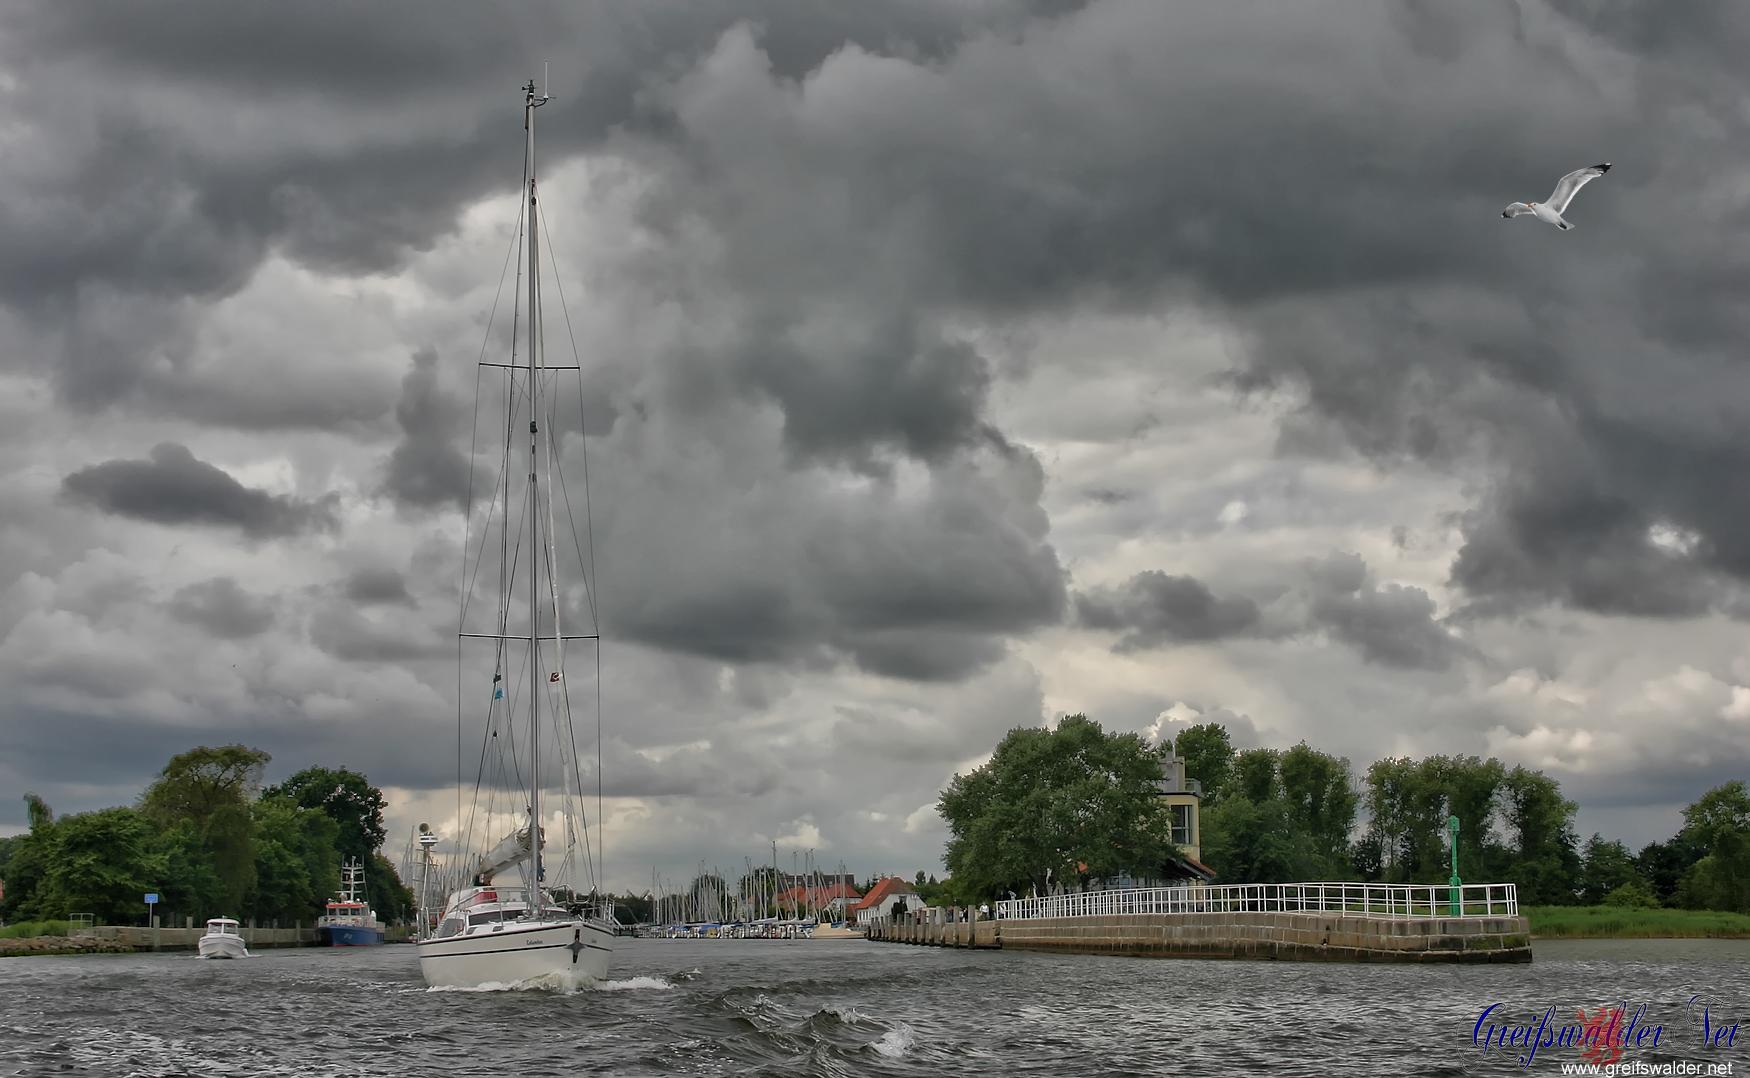 Ausfahrt an der Mole in Greifswald-Wieck